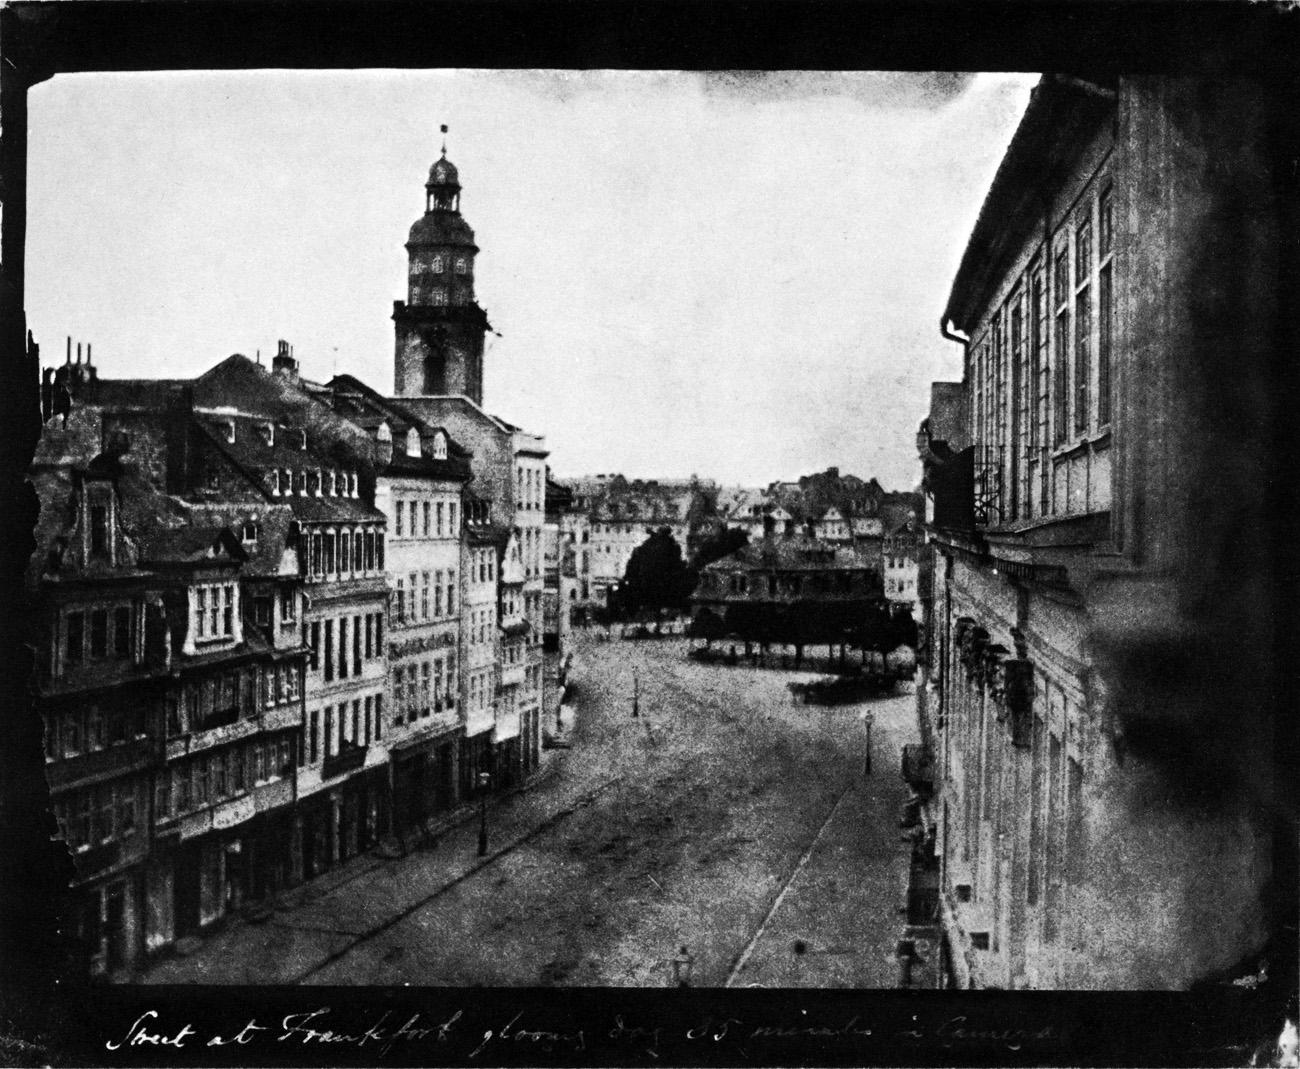 Kirjeldus Frankfurt Am Main-William Henry Fox Talbot-Zeil in Richtung